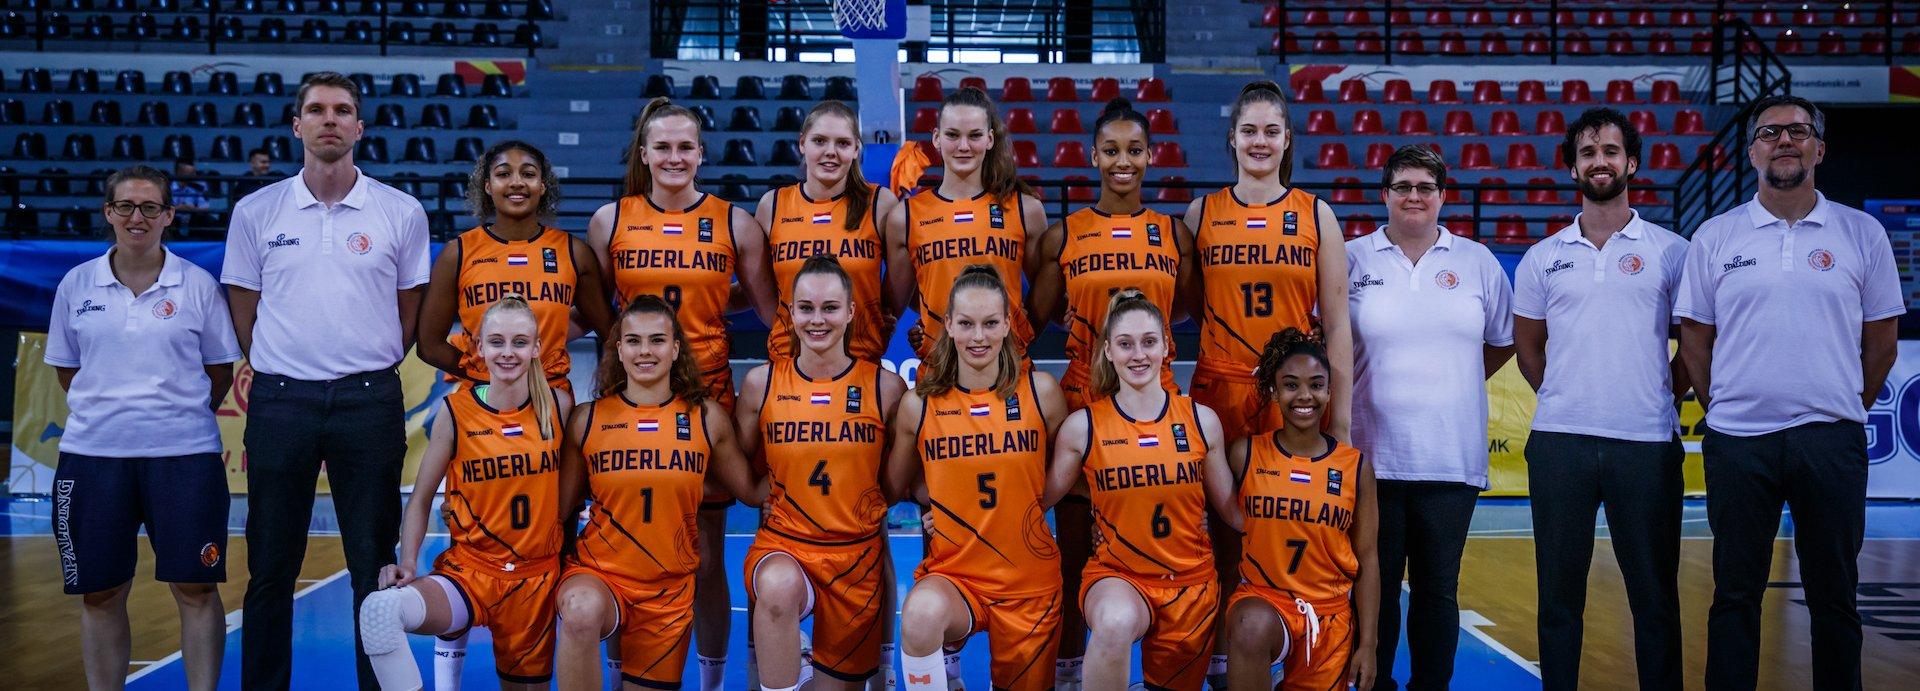 Orange Lions VU18_2019 Selectie.jpg